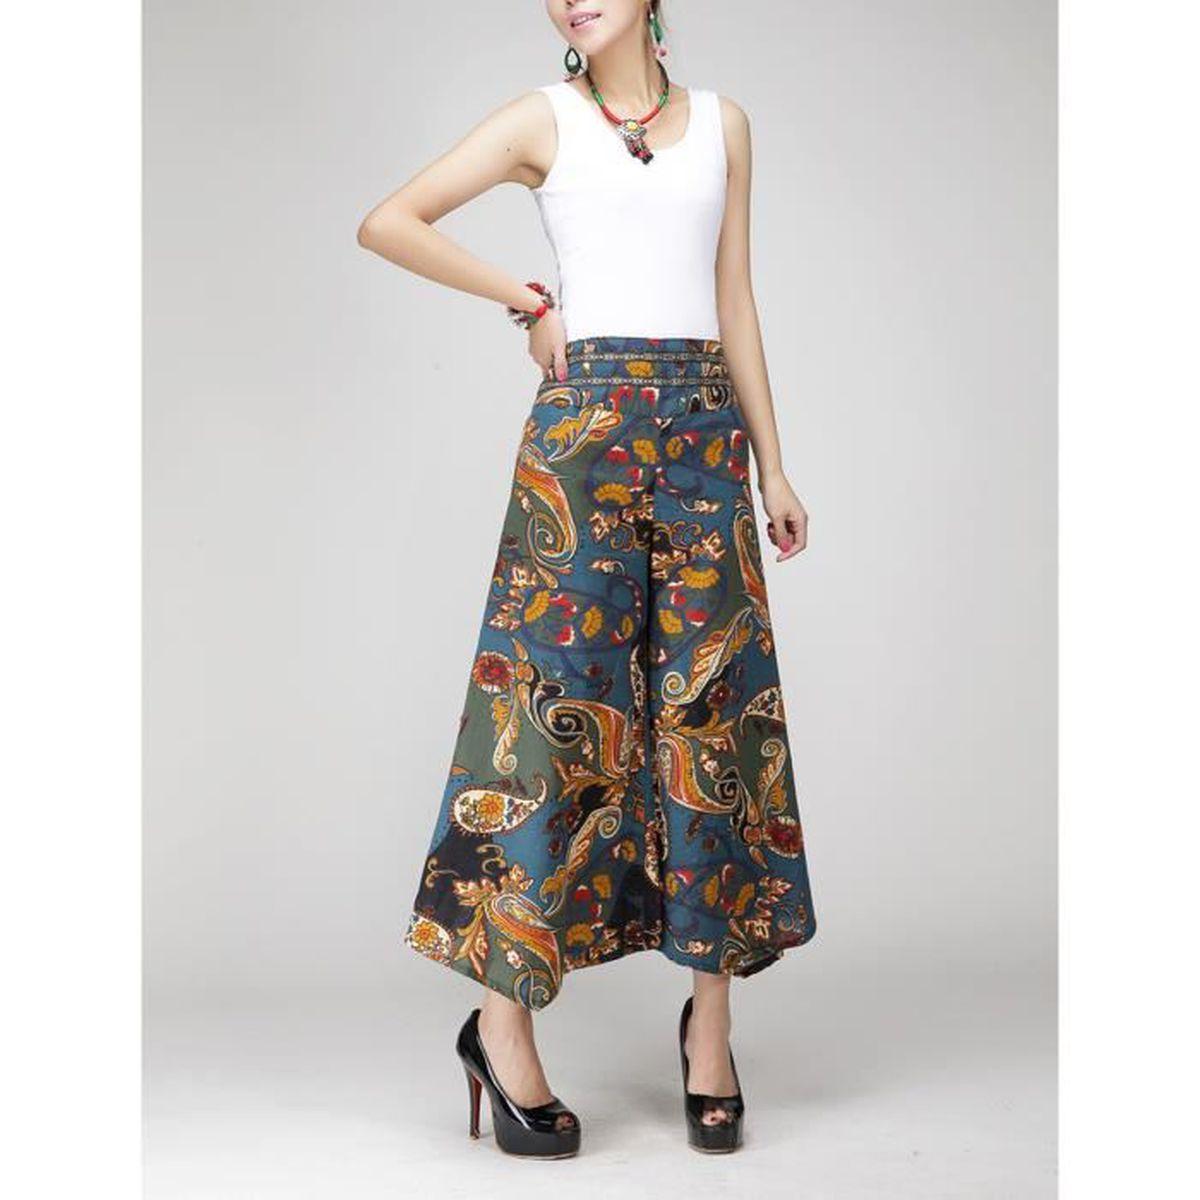 pantalon large jambes femme bleu ol vintage lin fluide. Black Bedroom Furniture Sets. Home Design Ideas